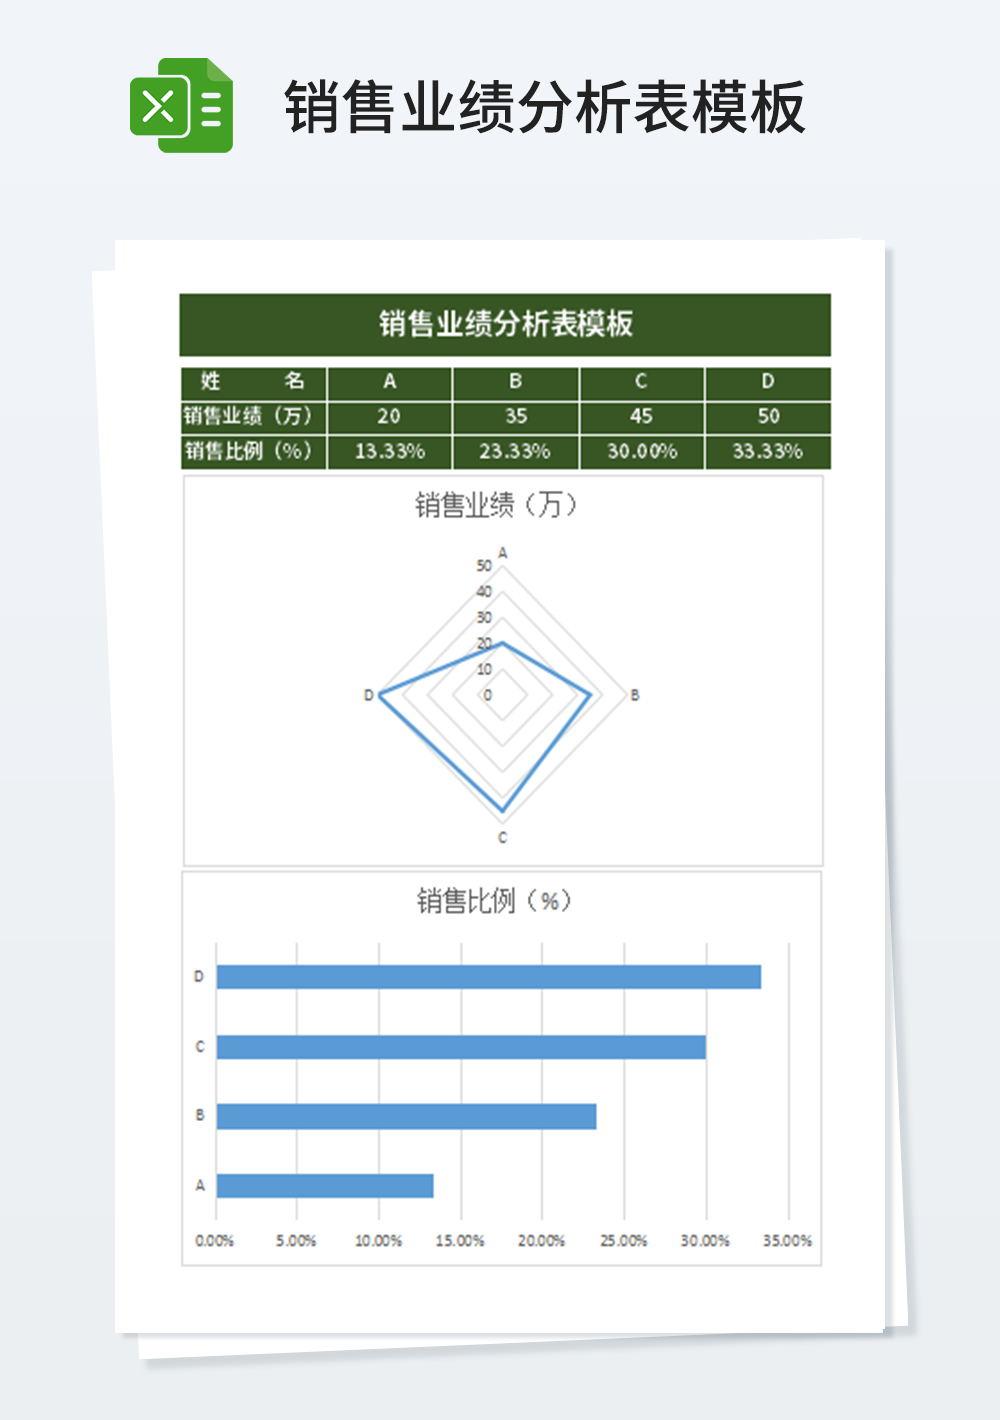 企业管理销售业绩分析表模板